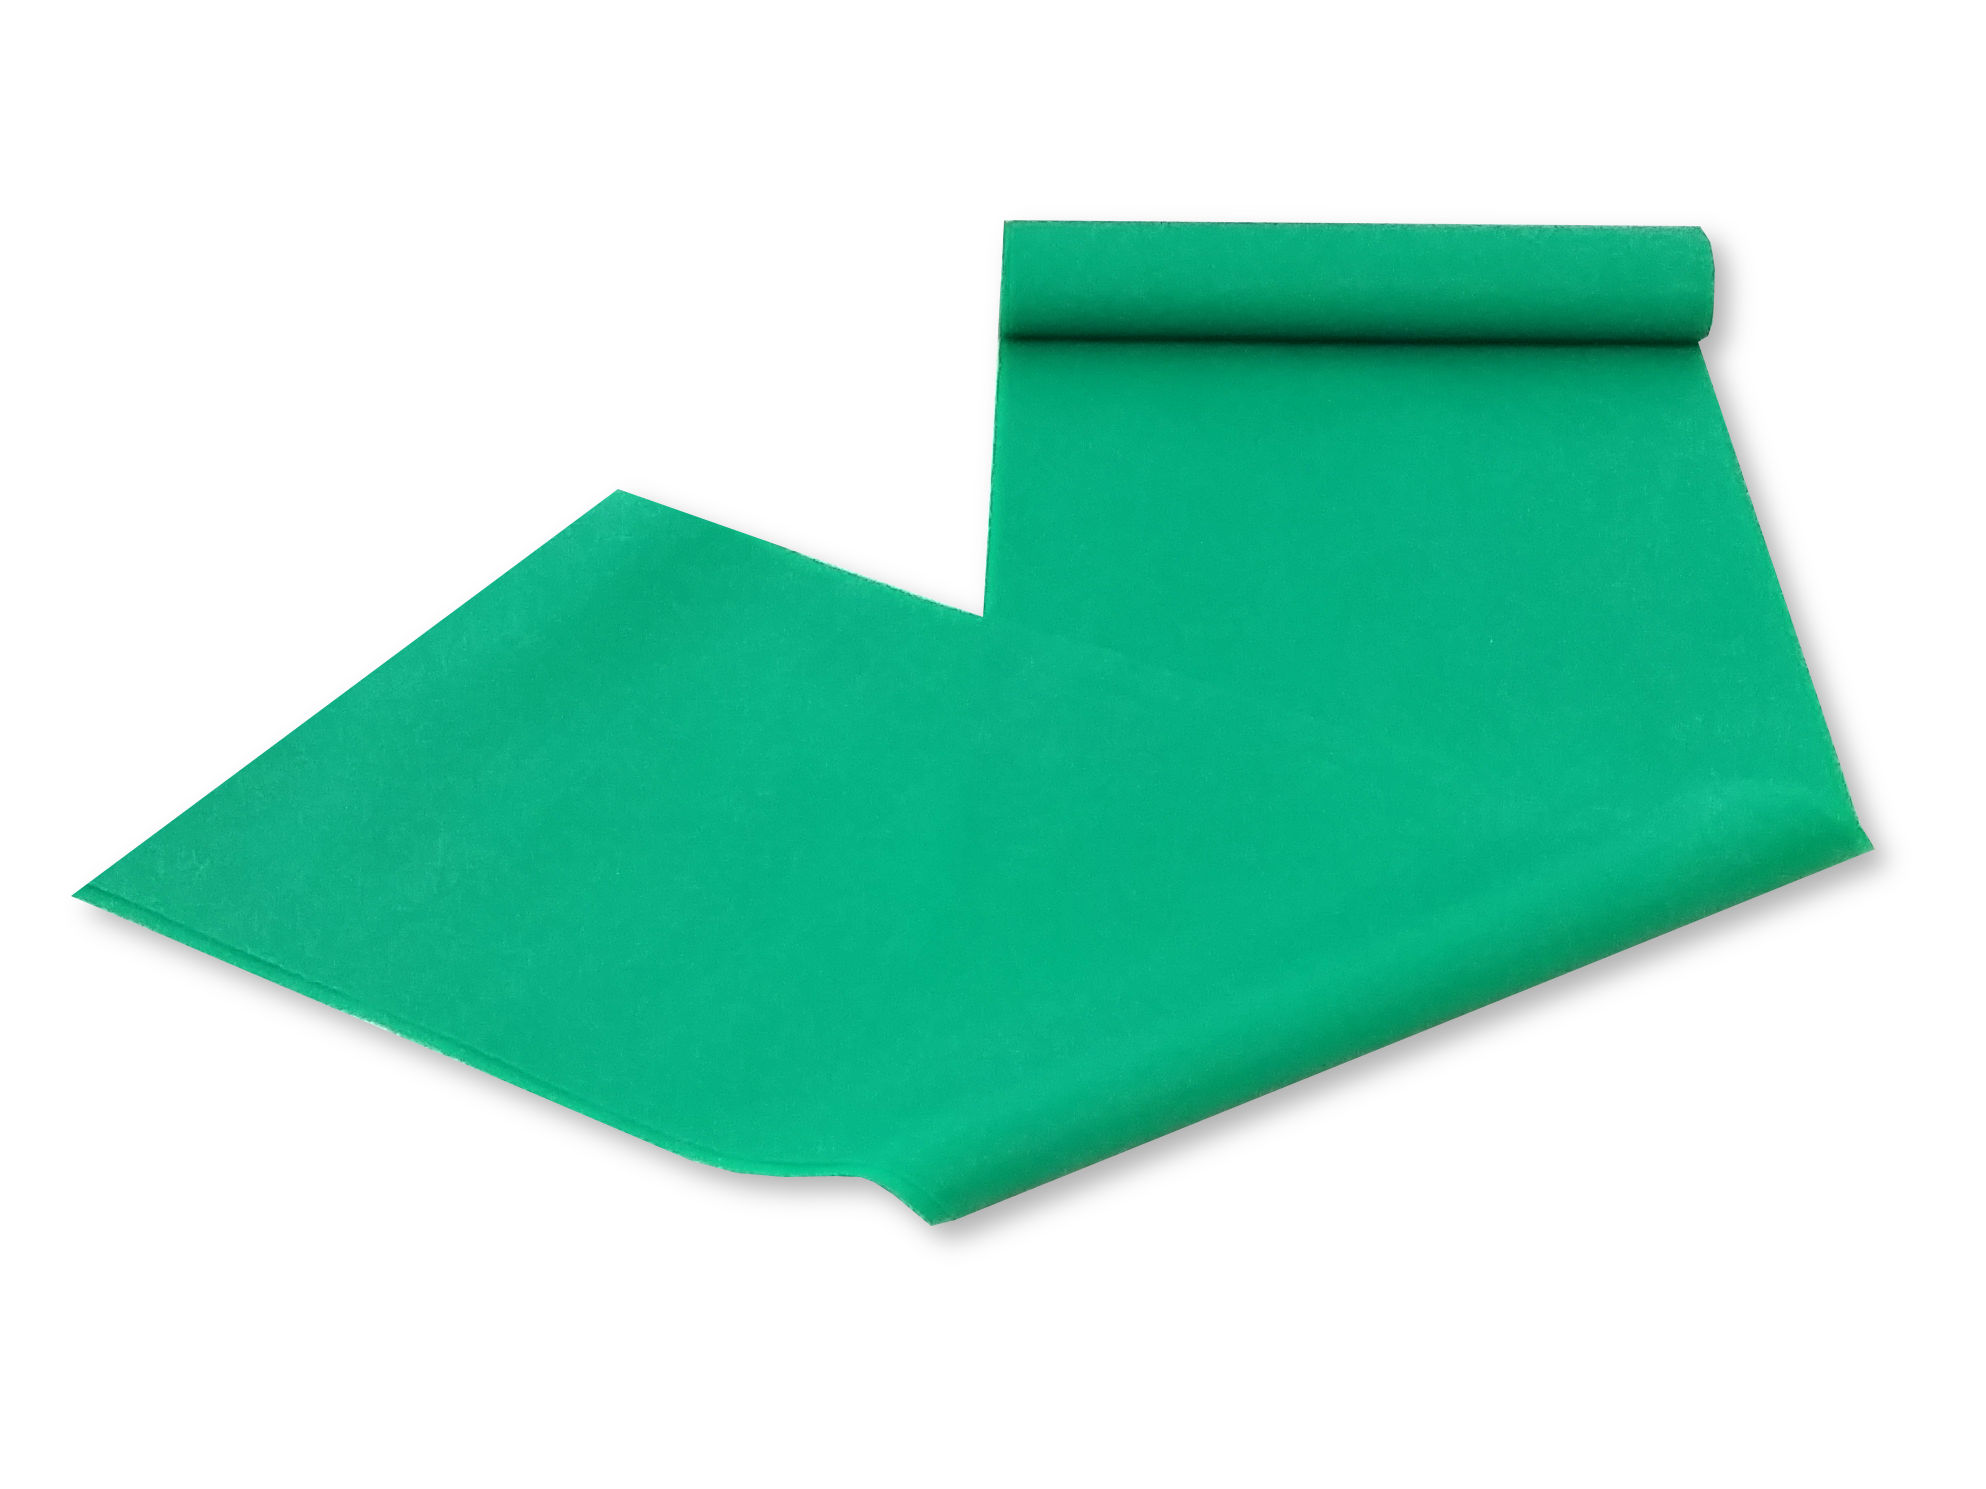 Rehabilitačná dráha cvičenie gumy 1,2 m